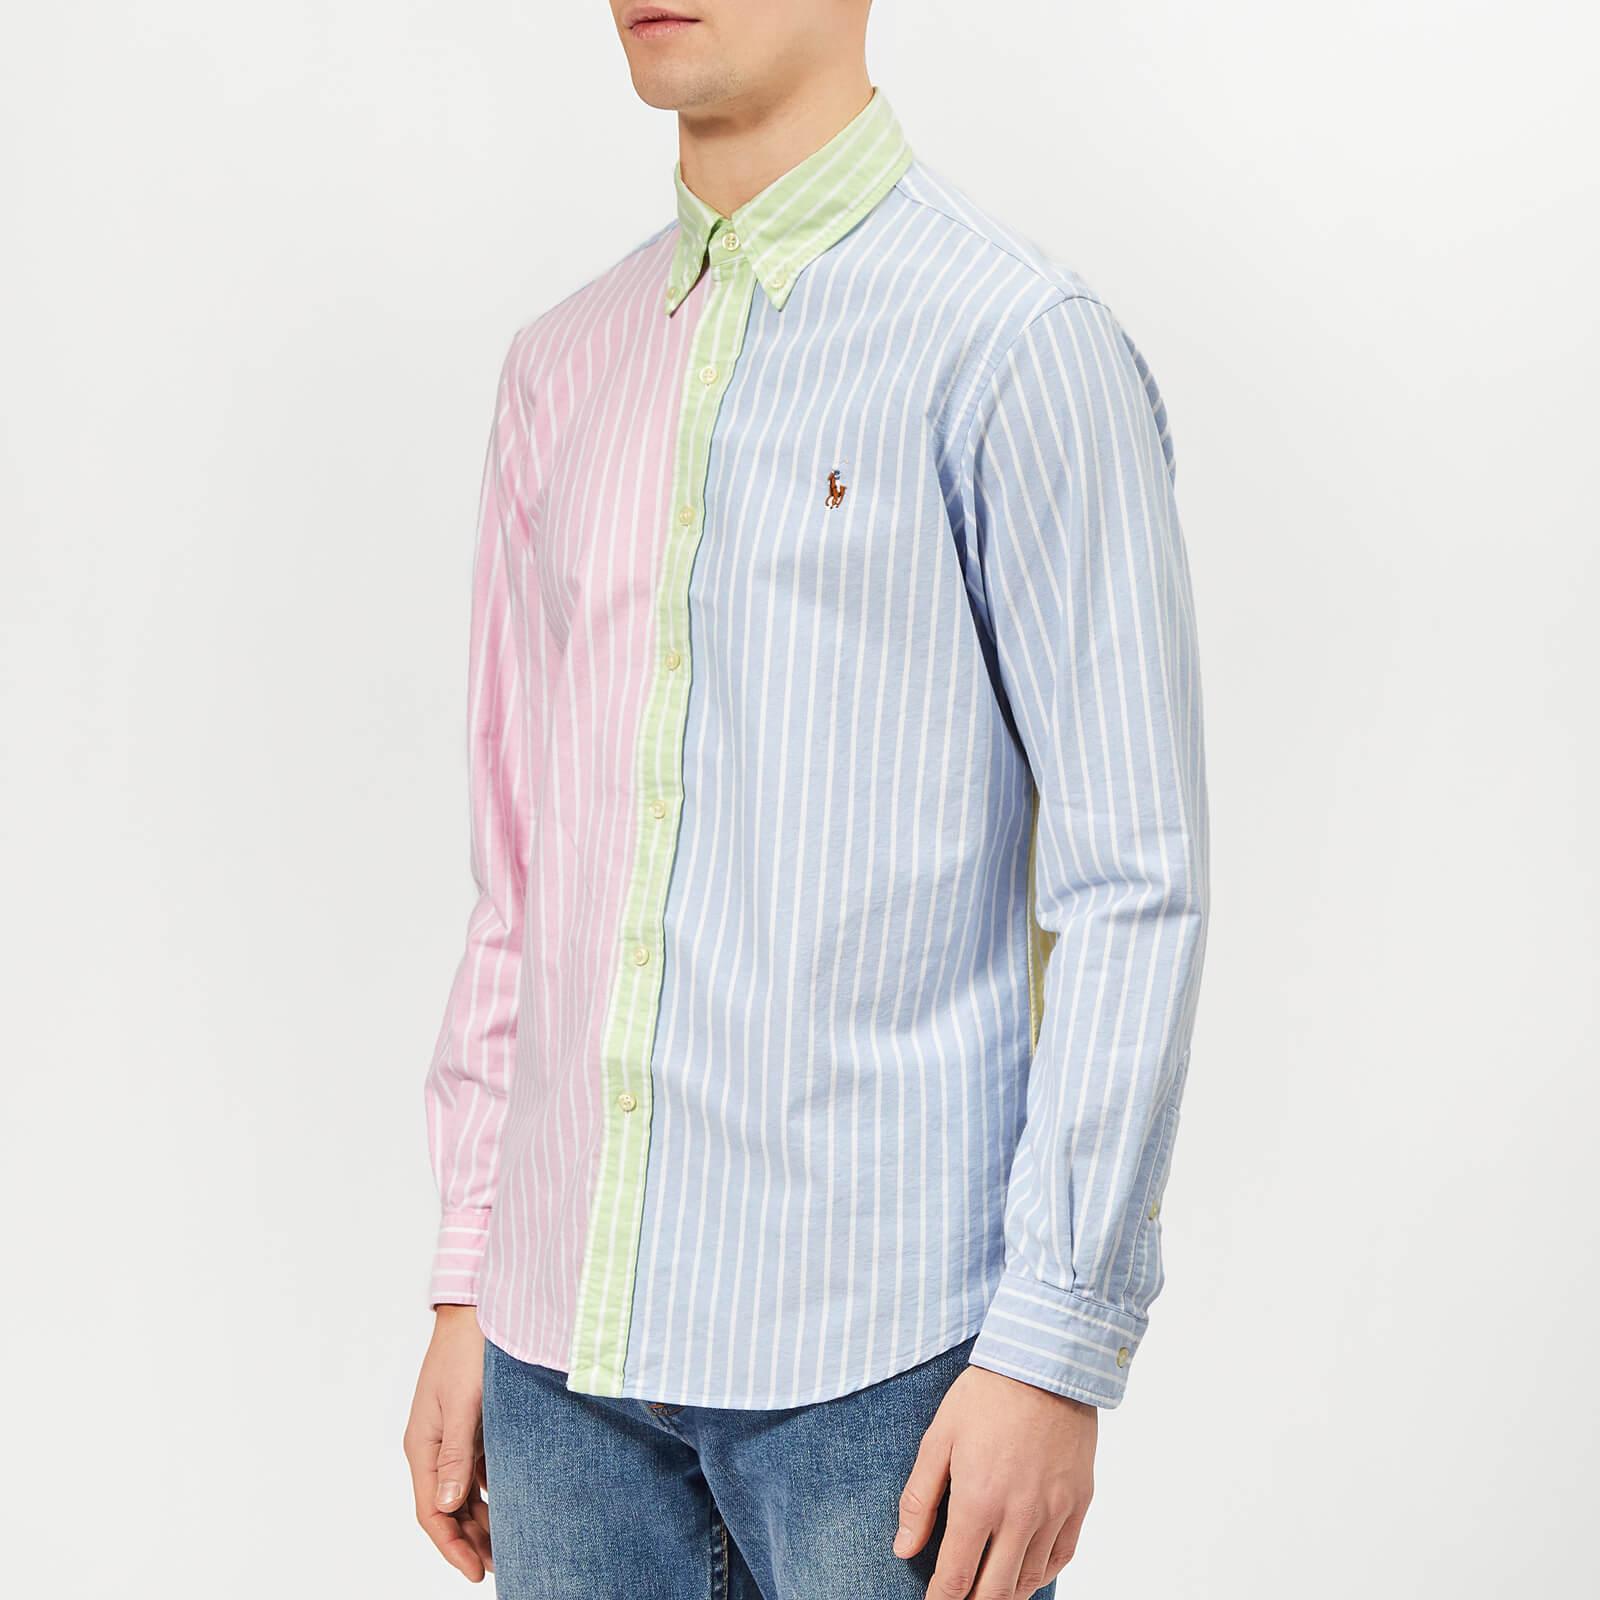 54d6ccf50e Polo Ralph Lauren Men's Oxford Regular Fit Shirt - Fun Stripe